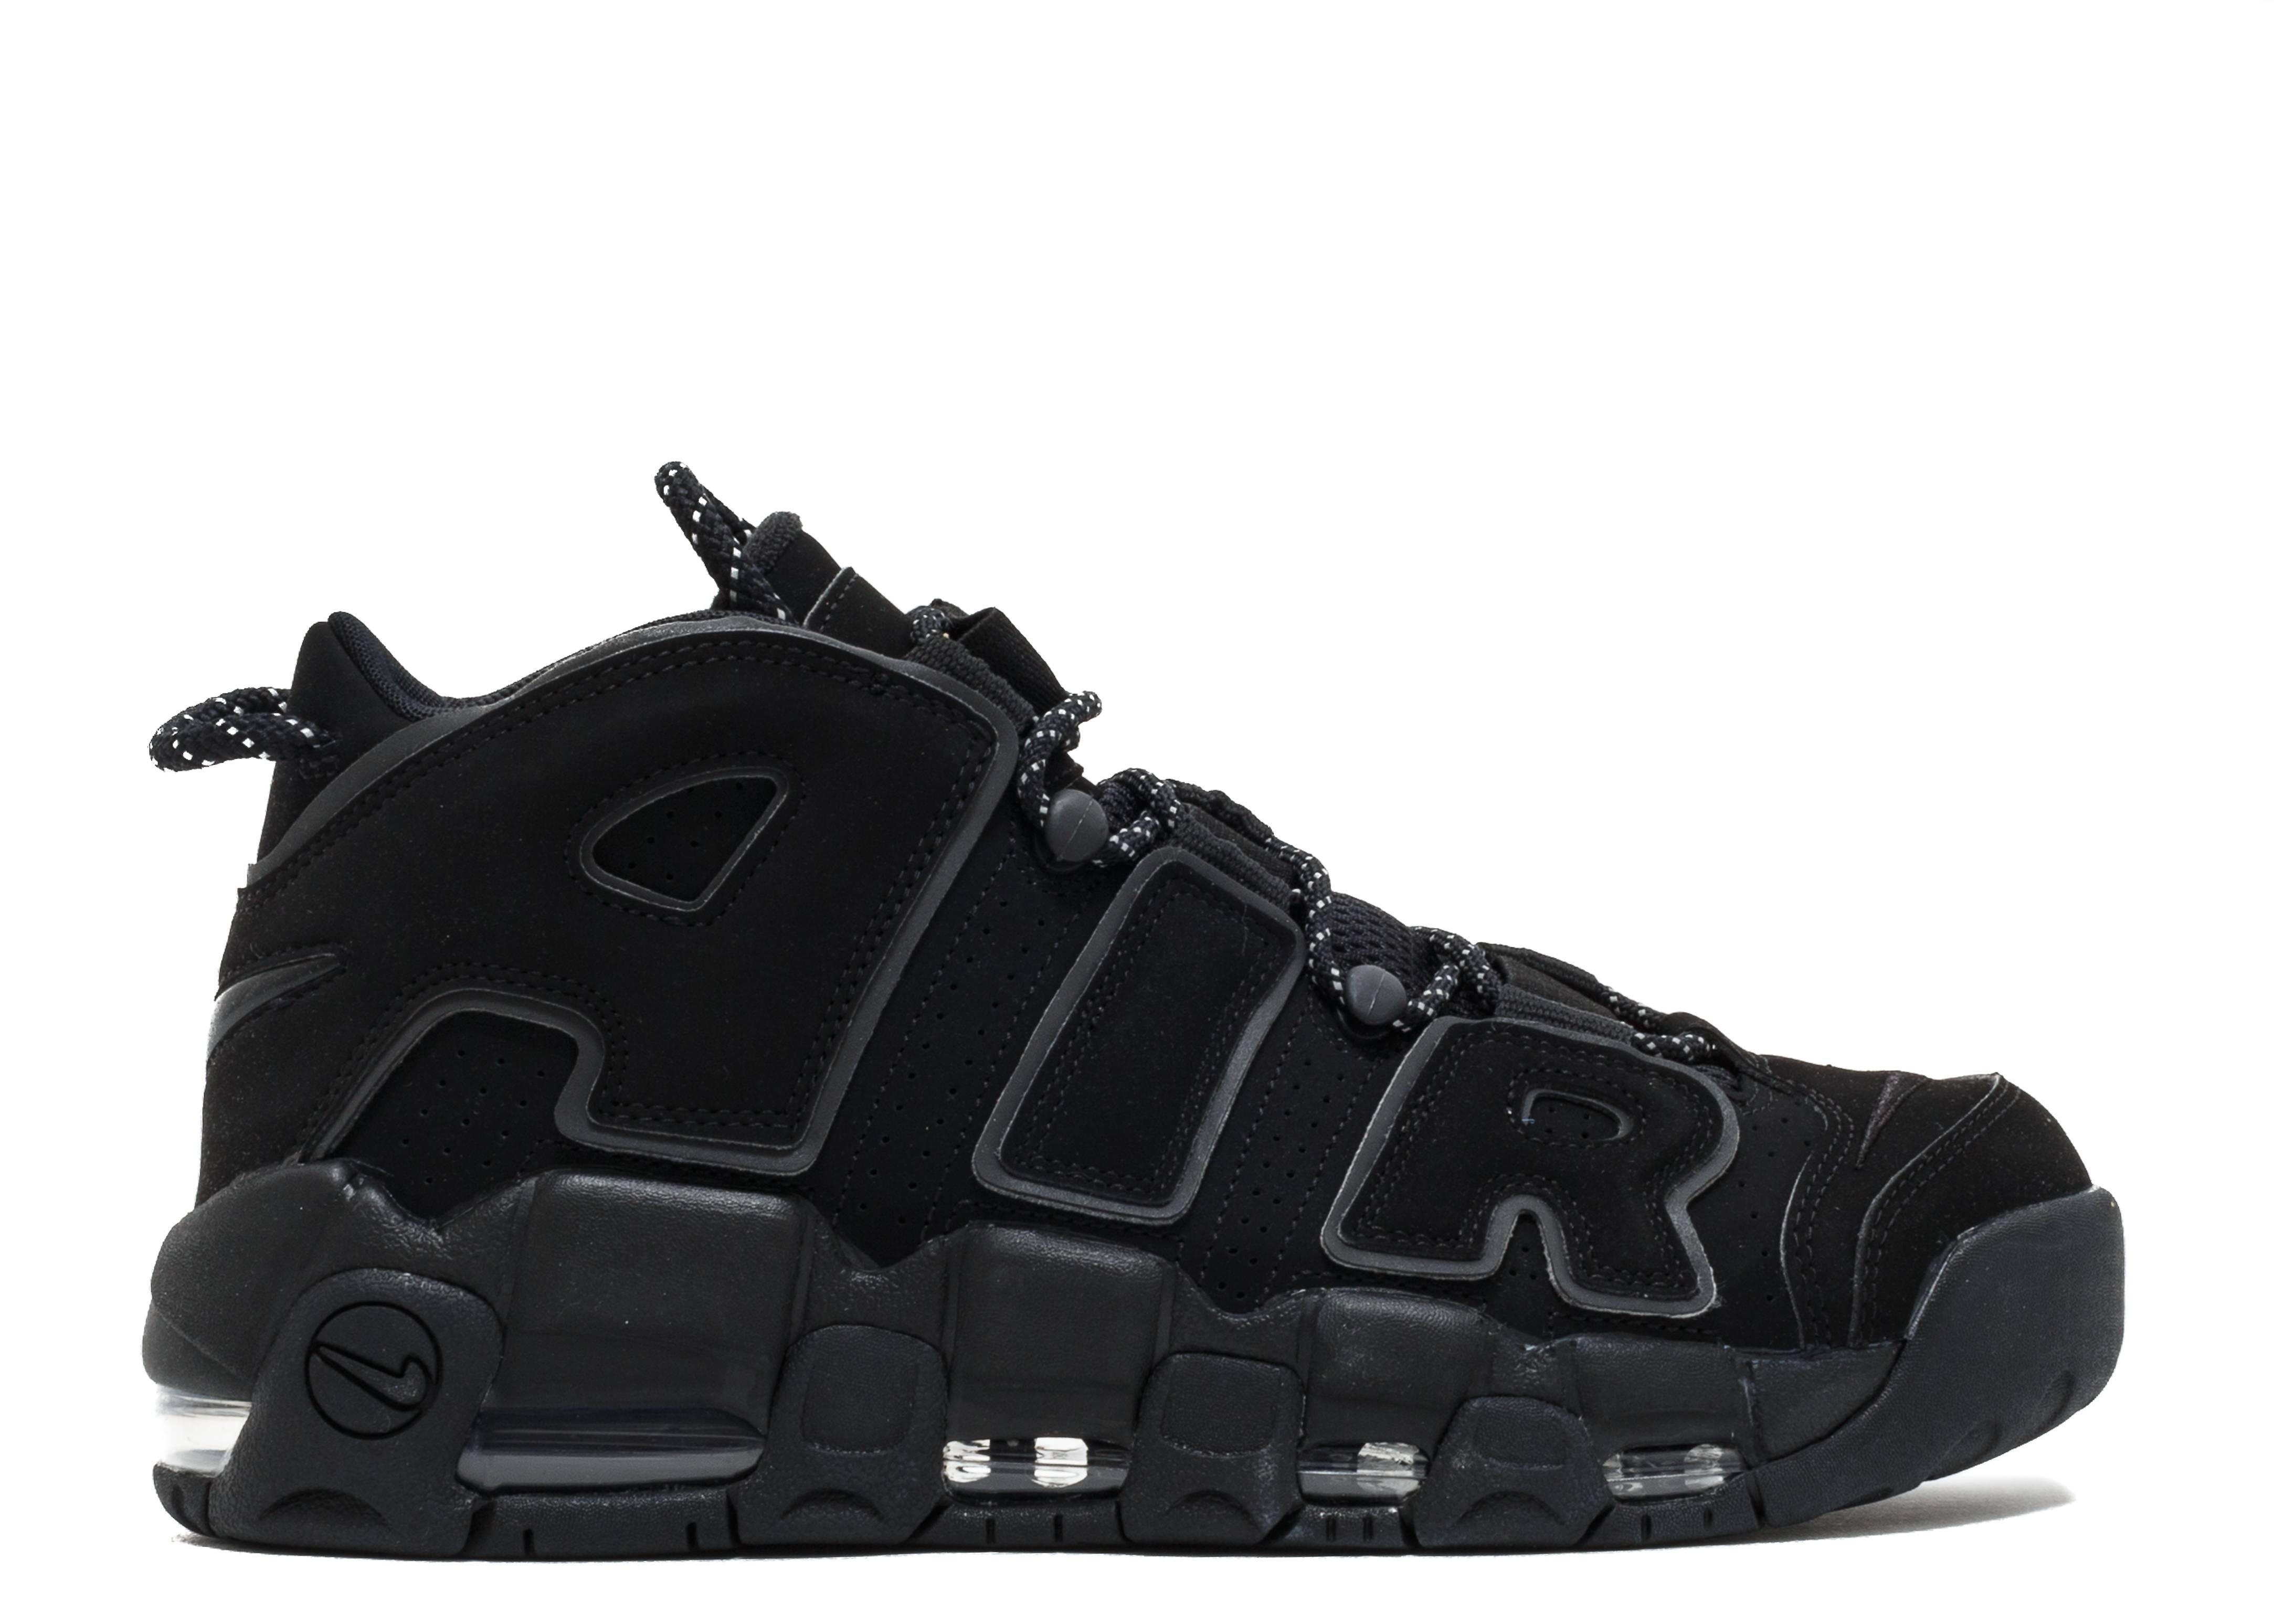 Desilusión Saqueo Interpretación  Air More Uptempo 'Reflective' - Nike - 414962 004 - black/black-black |  Flight Club